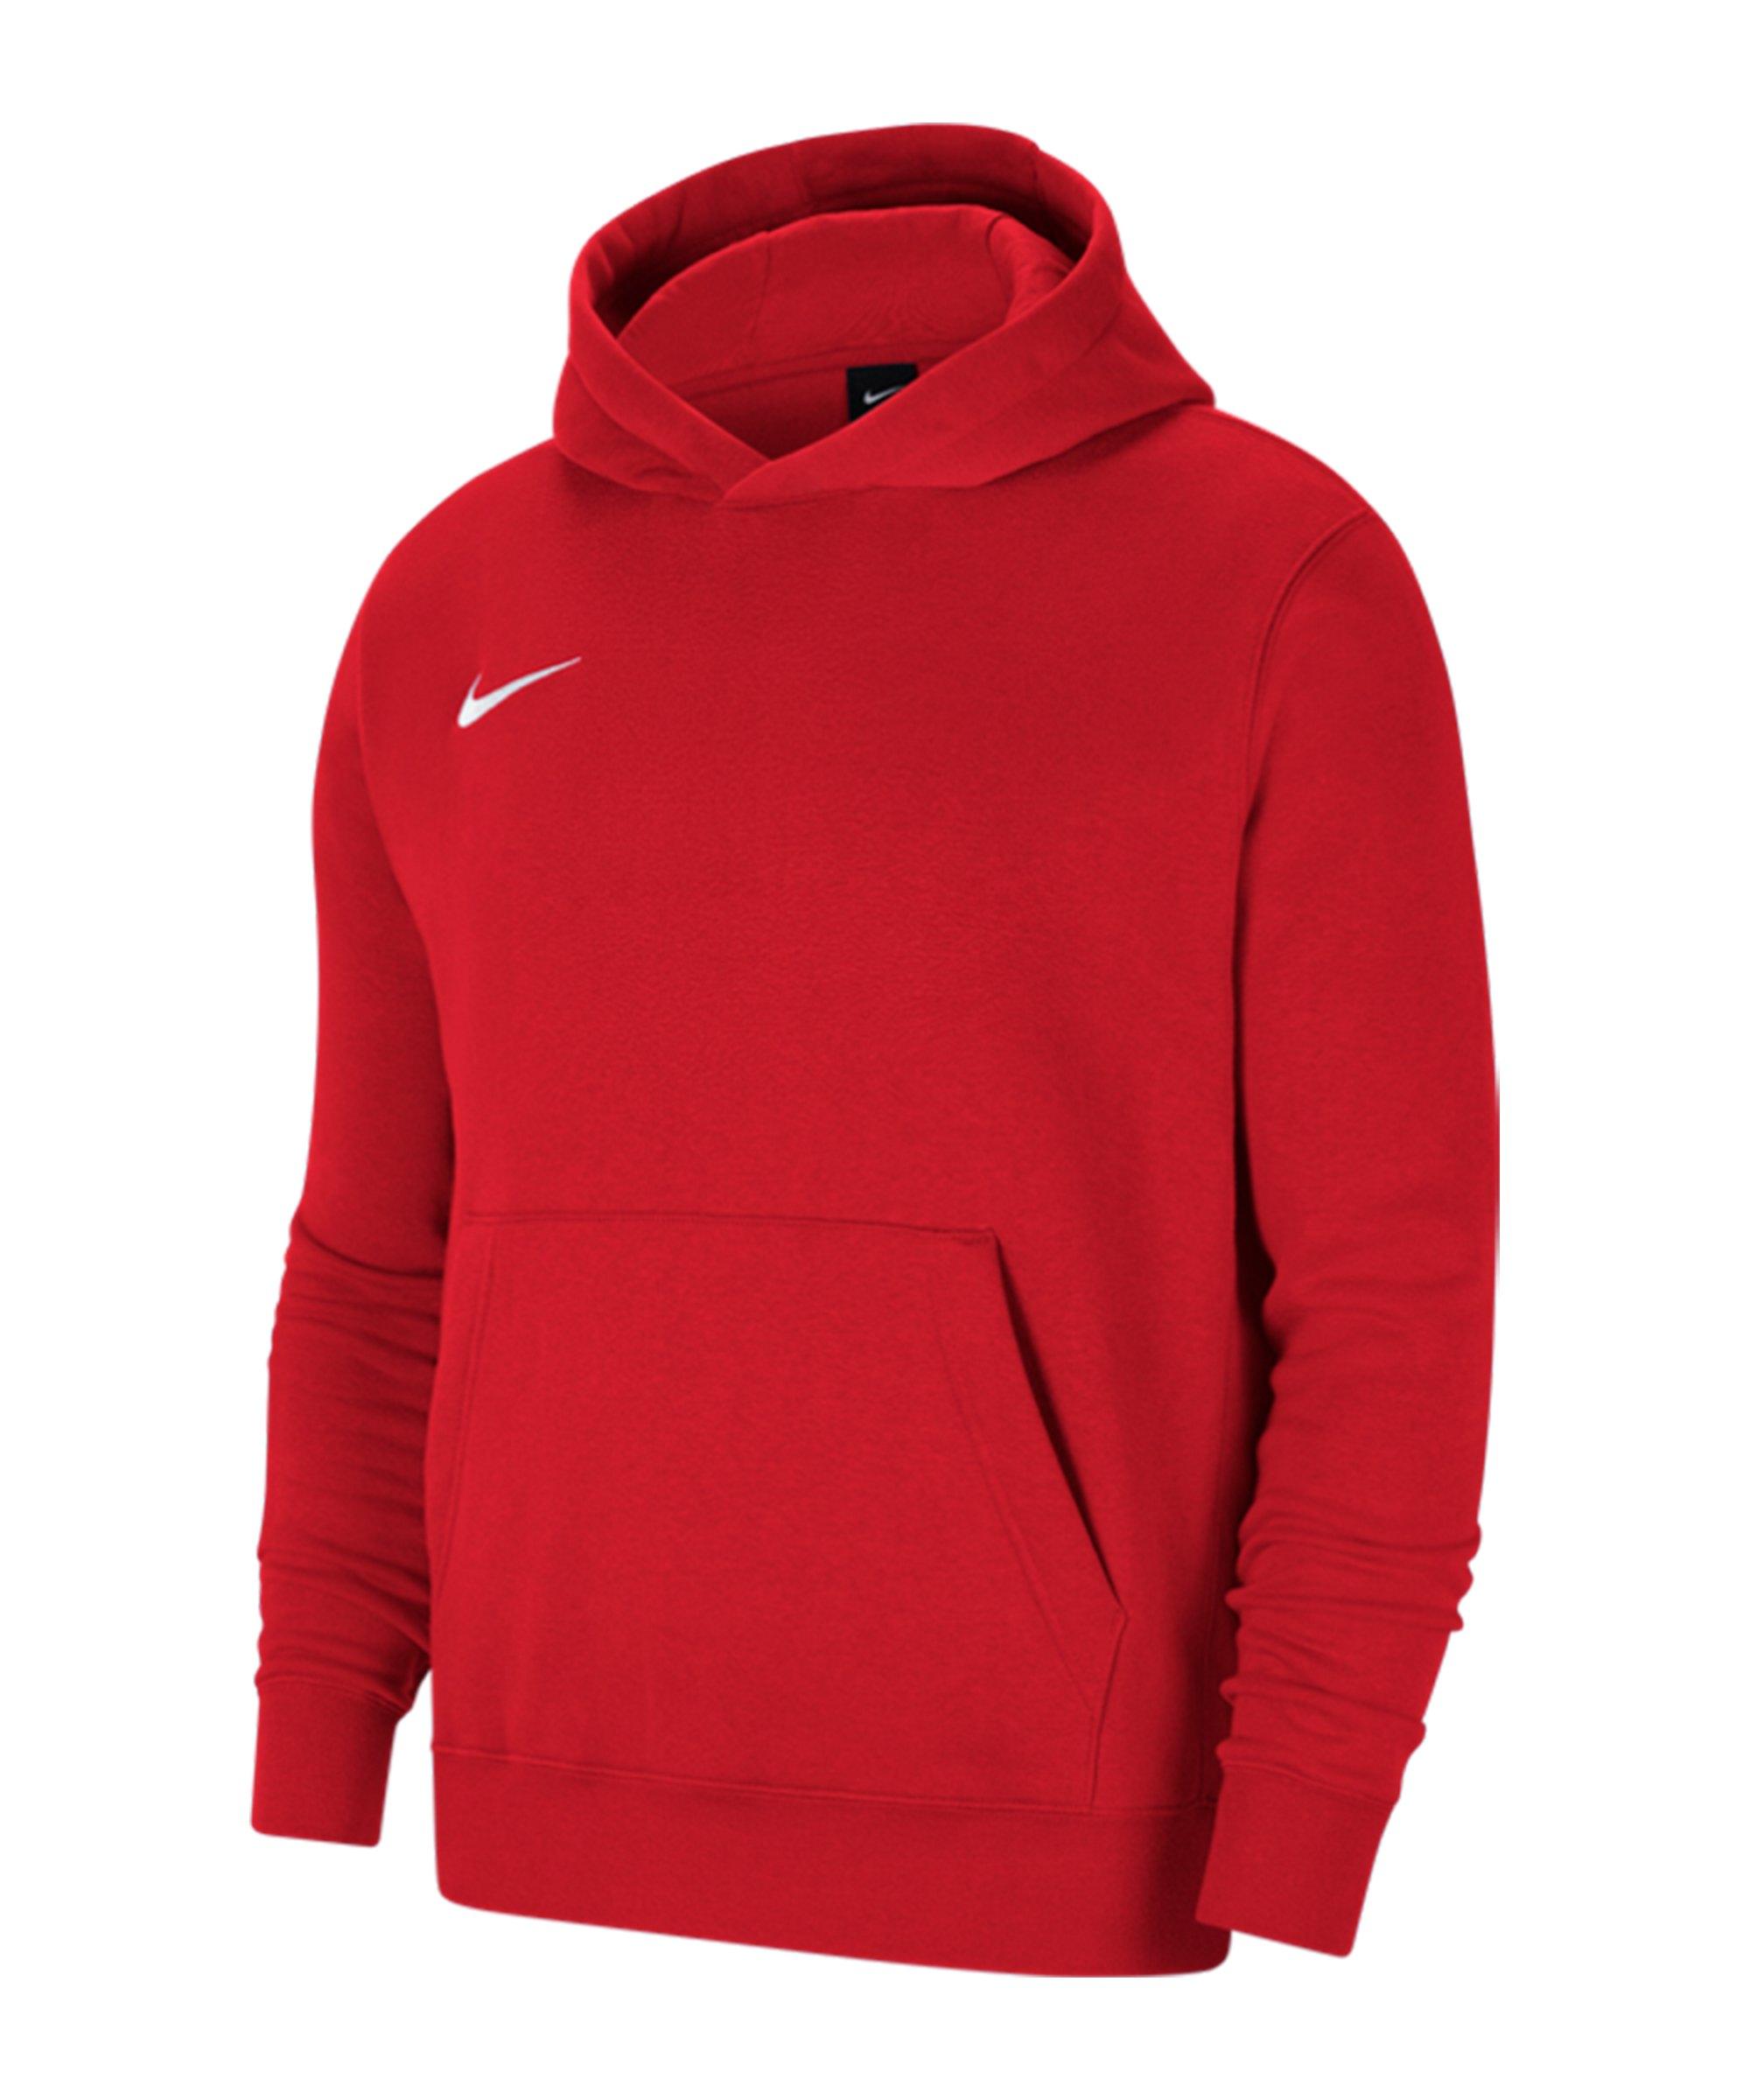 Nike Park 20 Fleece Hoody Kids Rot Weiss F657 - rot